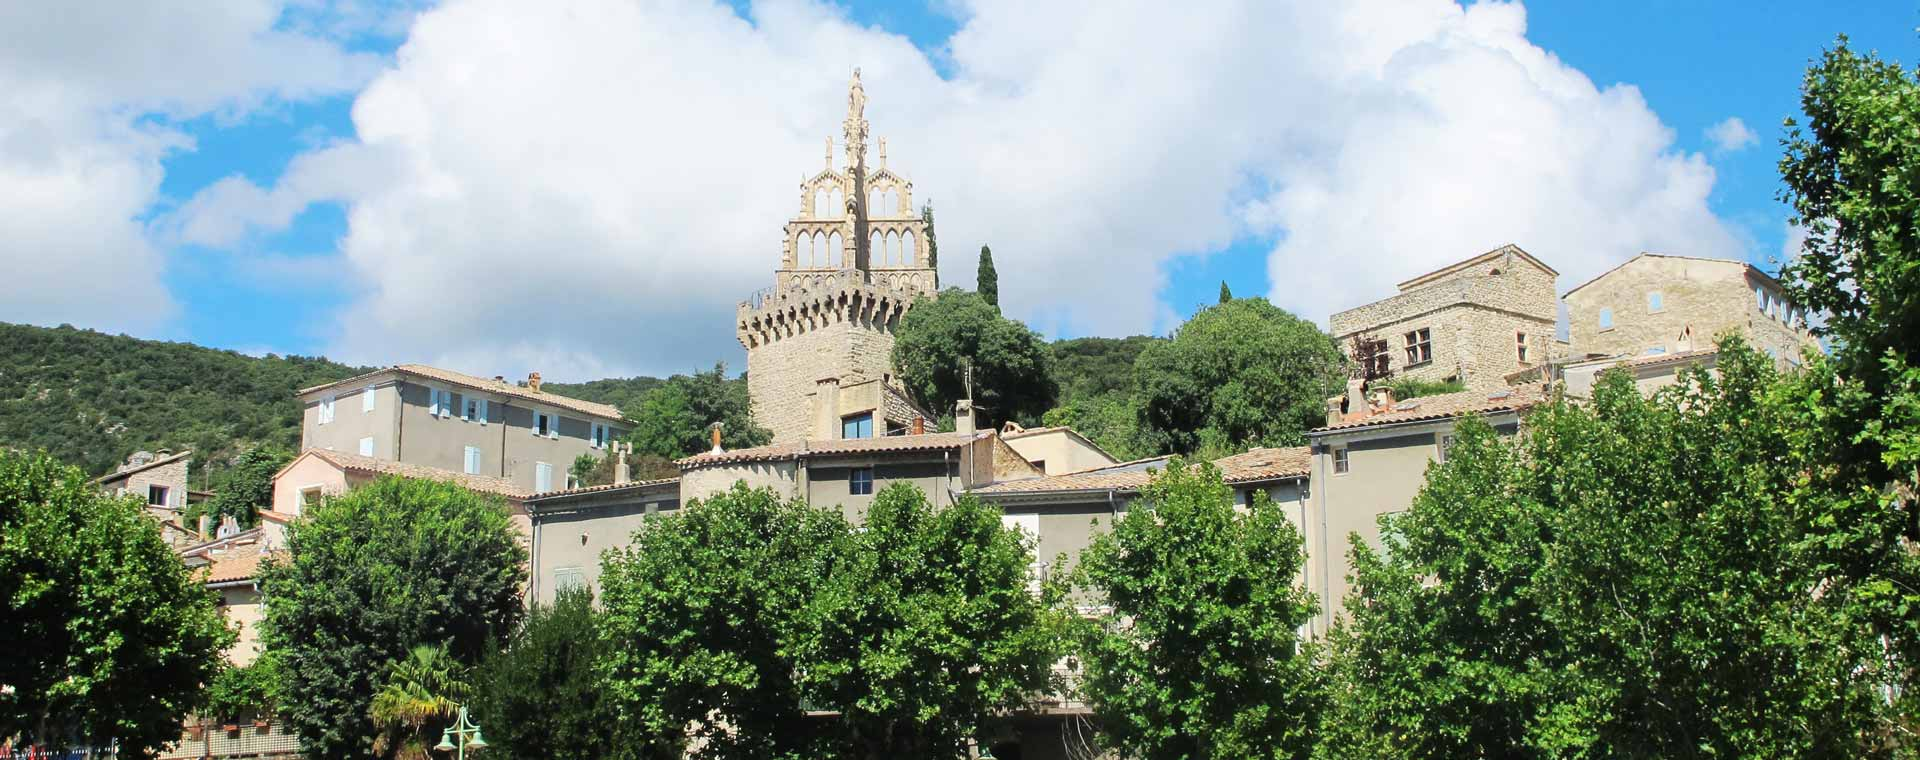 Image La Drôme provençale